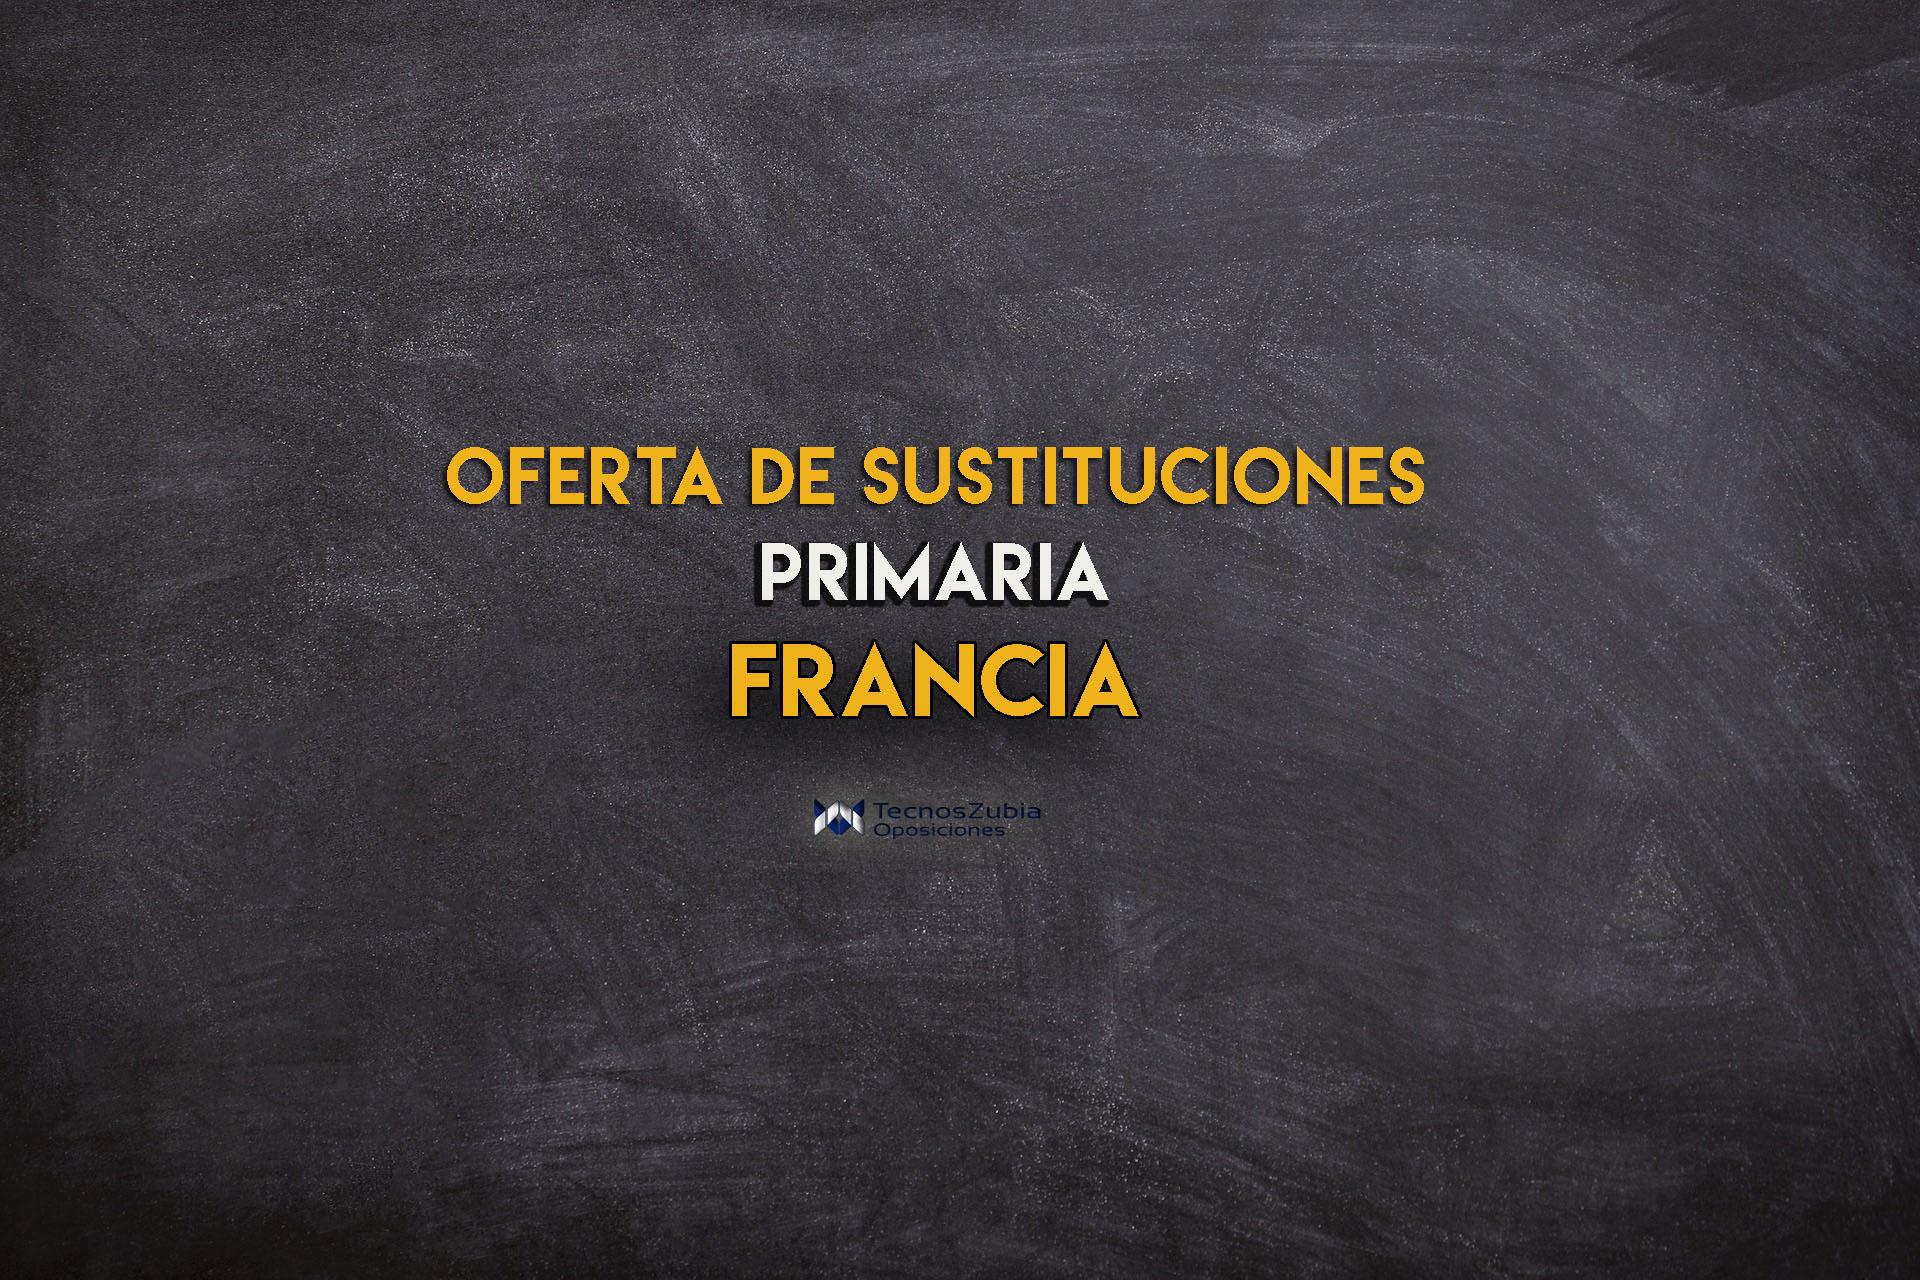 Publciadas tres plazas para profesores interinos en Francia